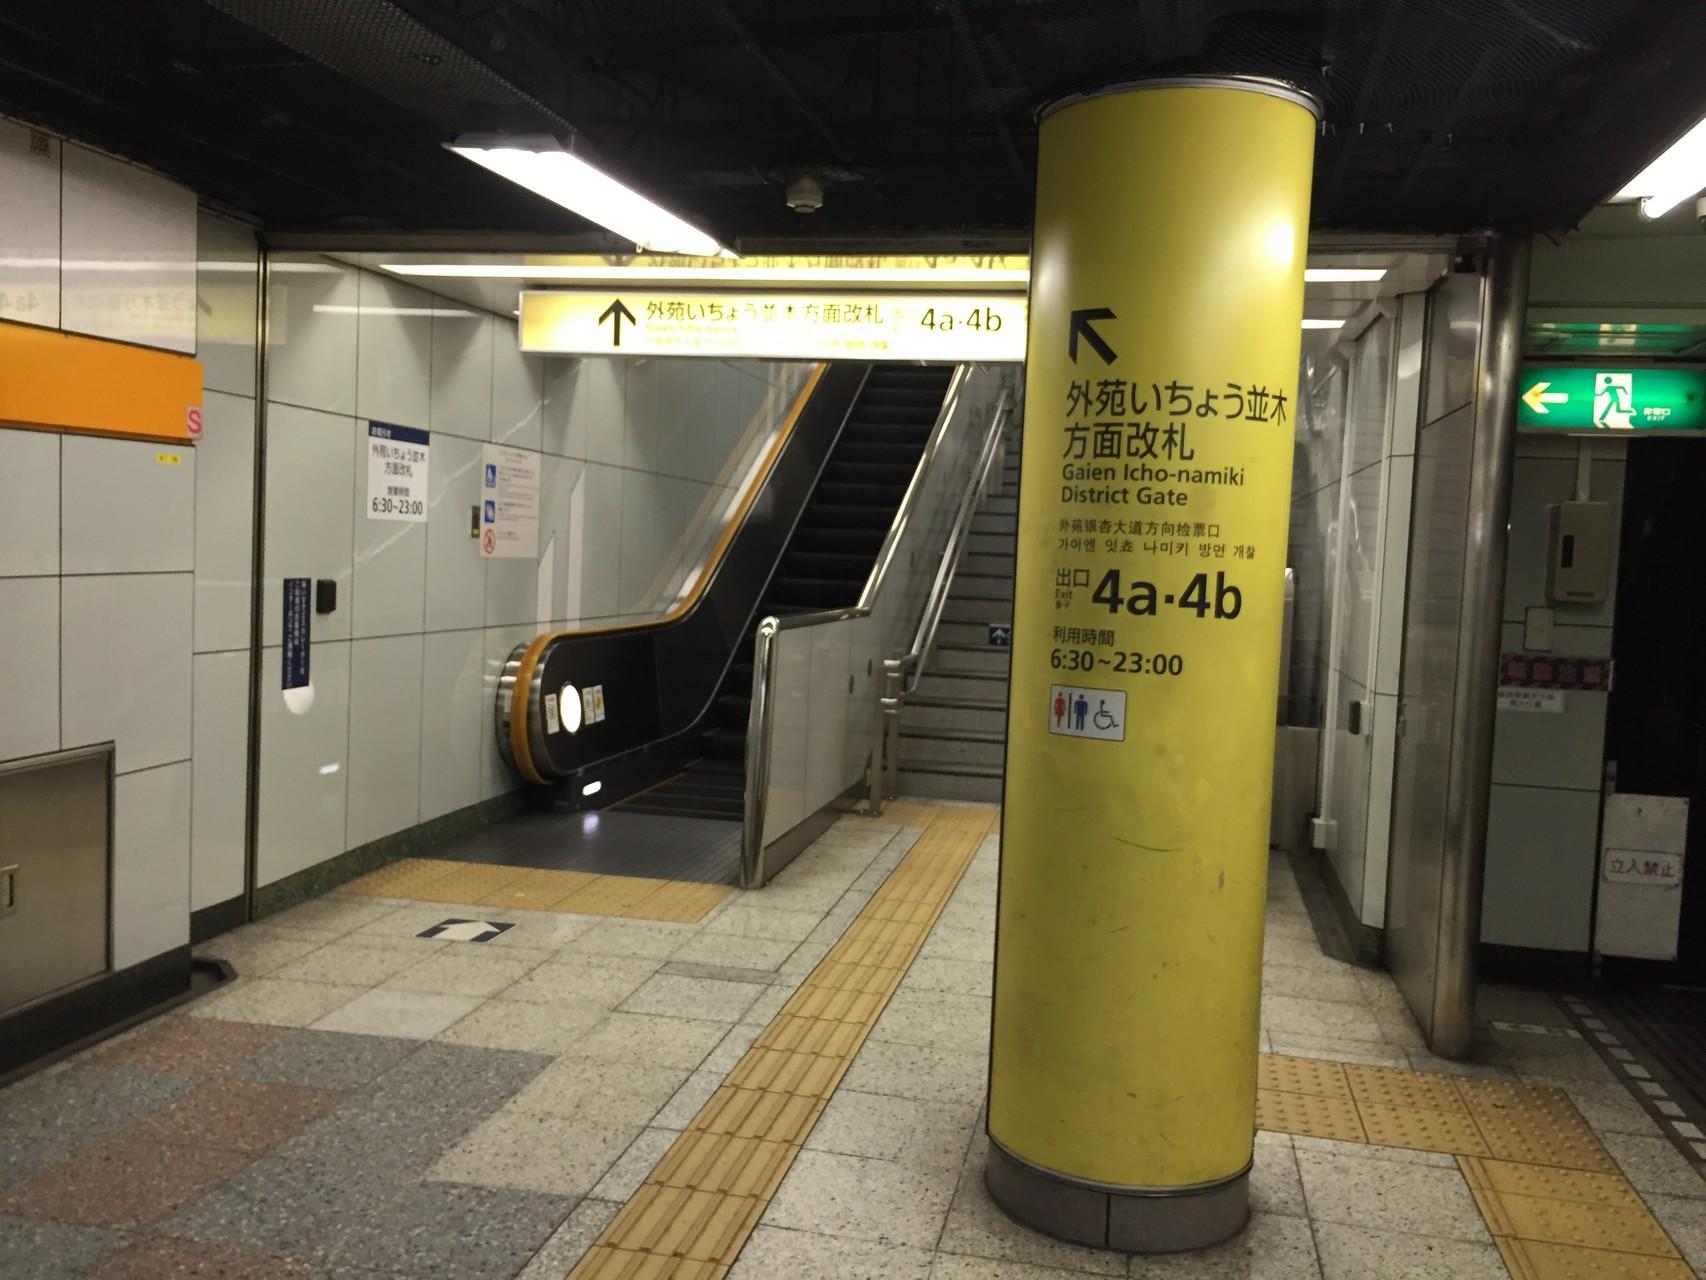 東京メトロ銀座線外苑前駅 外苑いちょう並木方面改札は、渋谷方面行の最後尾or浅草方面行先頭車輛にお乗りいただくと迷いません。